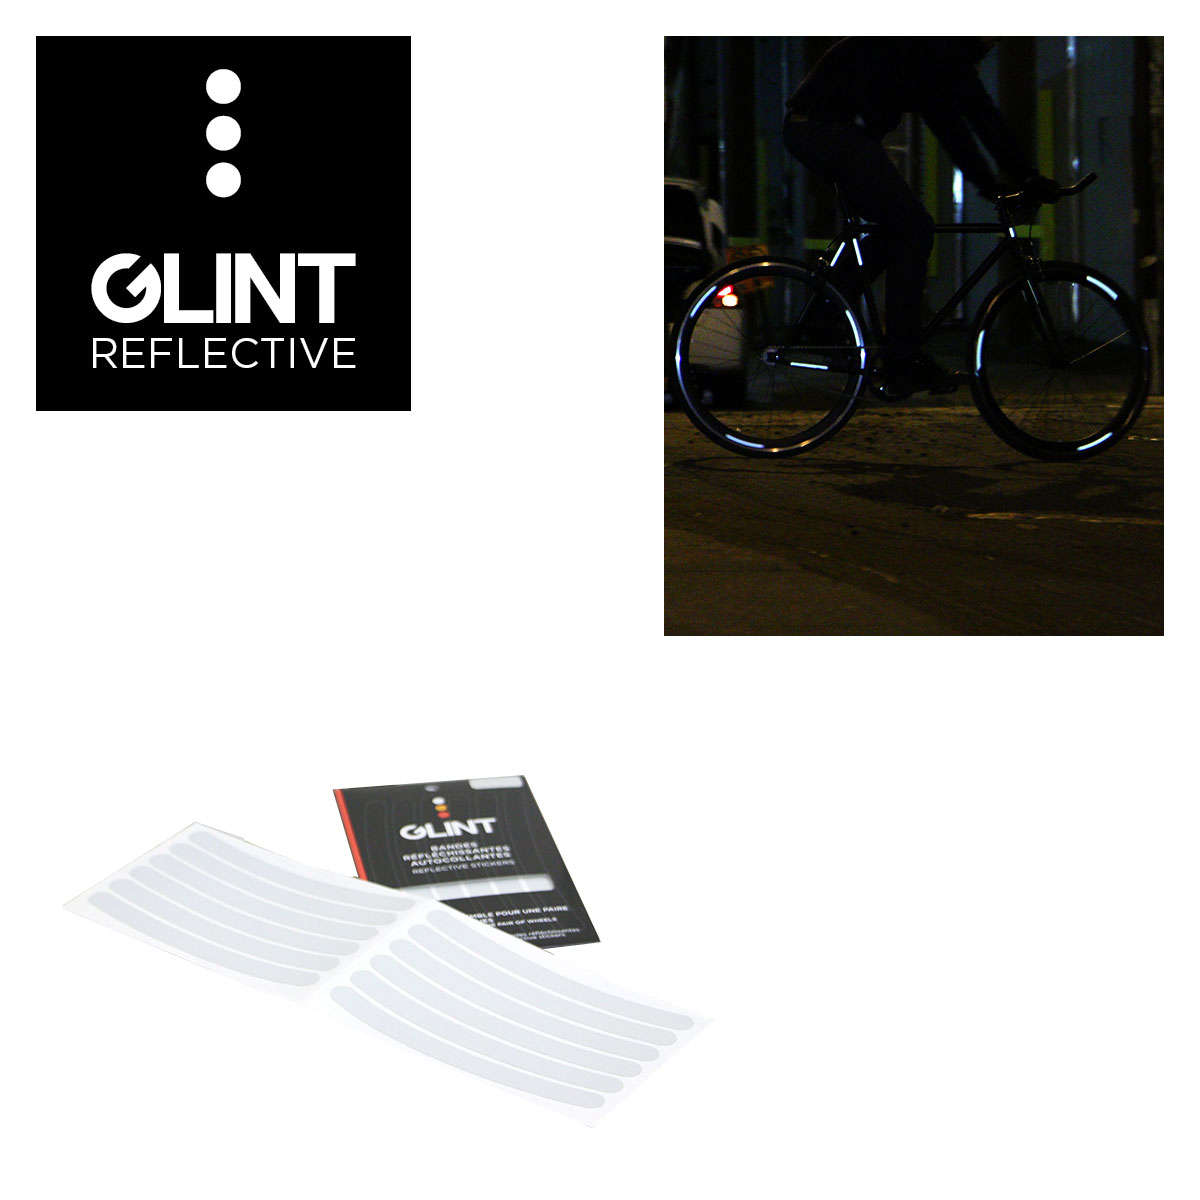 ENSEMBLE DE COLLANTS REFLECHISSANTS POUR ROUES GLINT REFLECTIVE BLANC